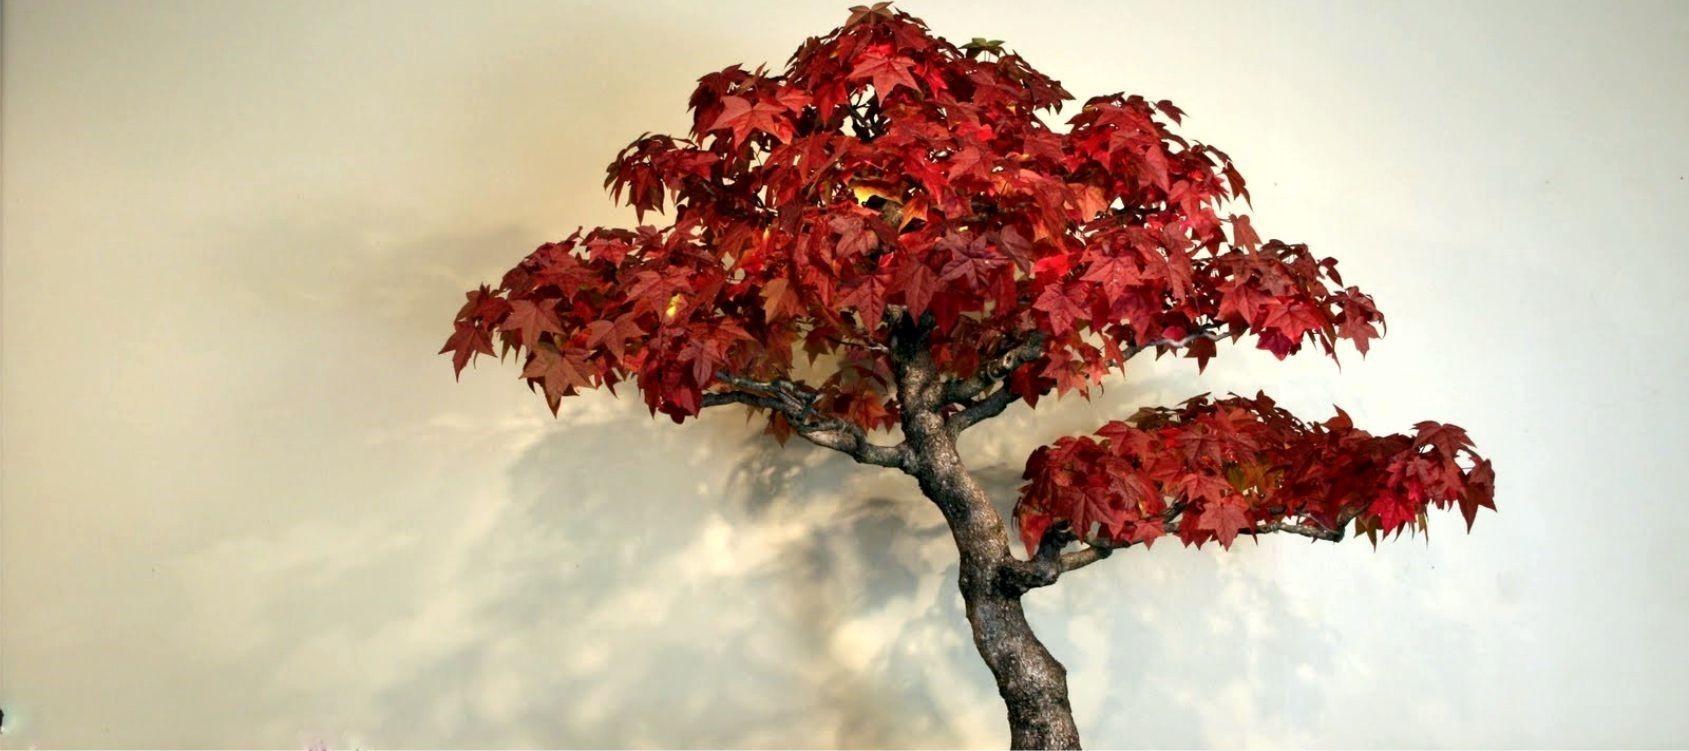 Periodo Migliore Per Potare Quercia liquidambar bonsai - consigli utili sulla coltivazione